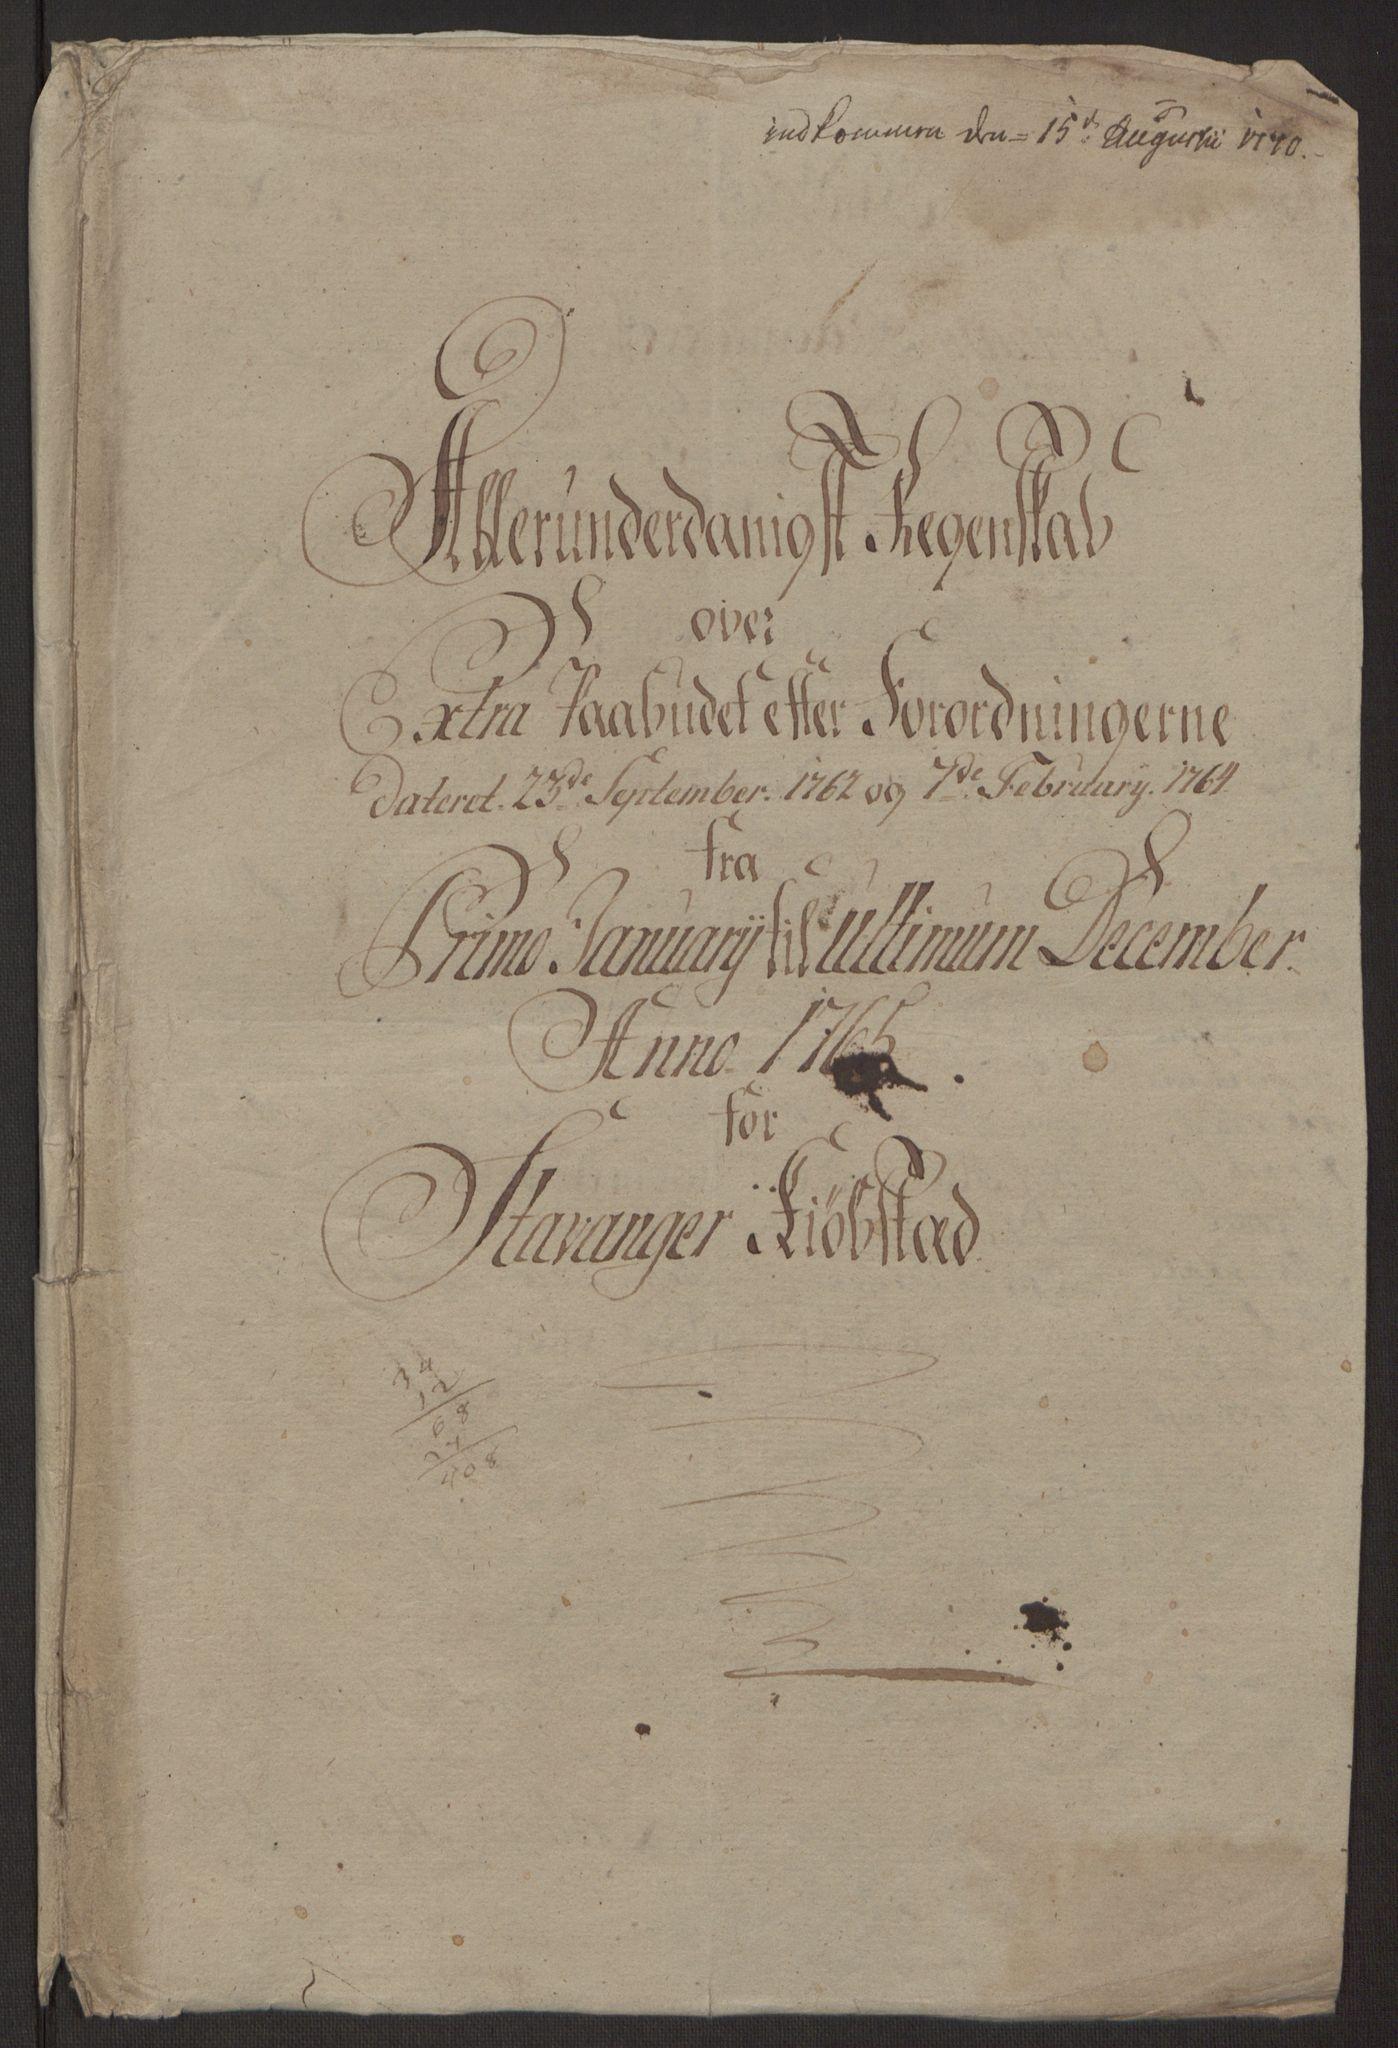 RA, Rentekammeret inntil 1814, Reviderte regnskaper, Byregnskaper, R/Ro/L0305: [O6] Kontribusjonsregnskap, 1762-1768, s. 78